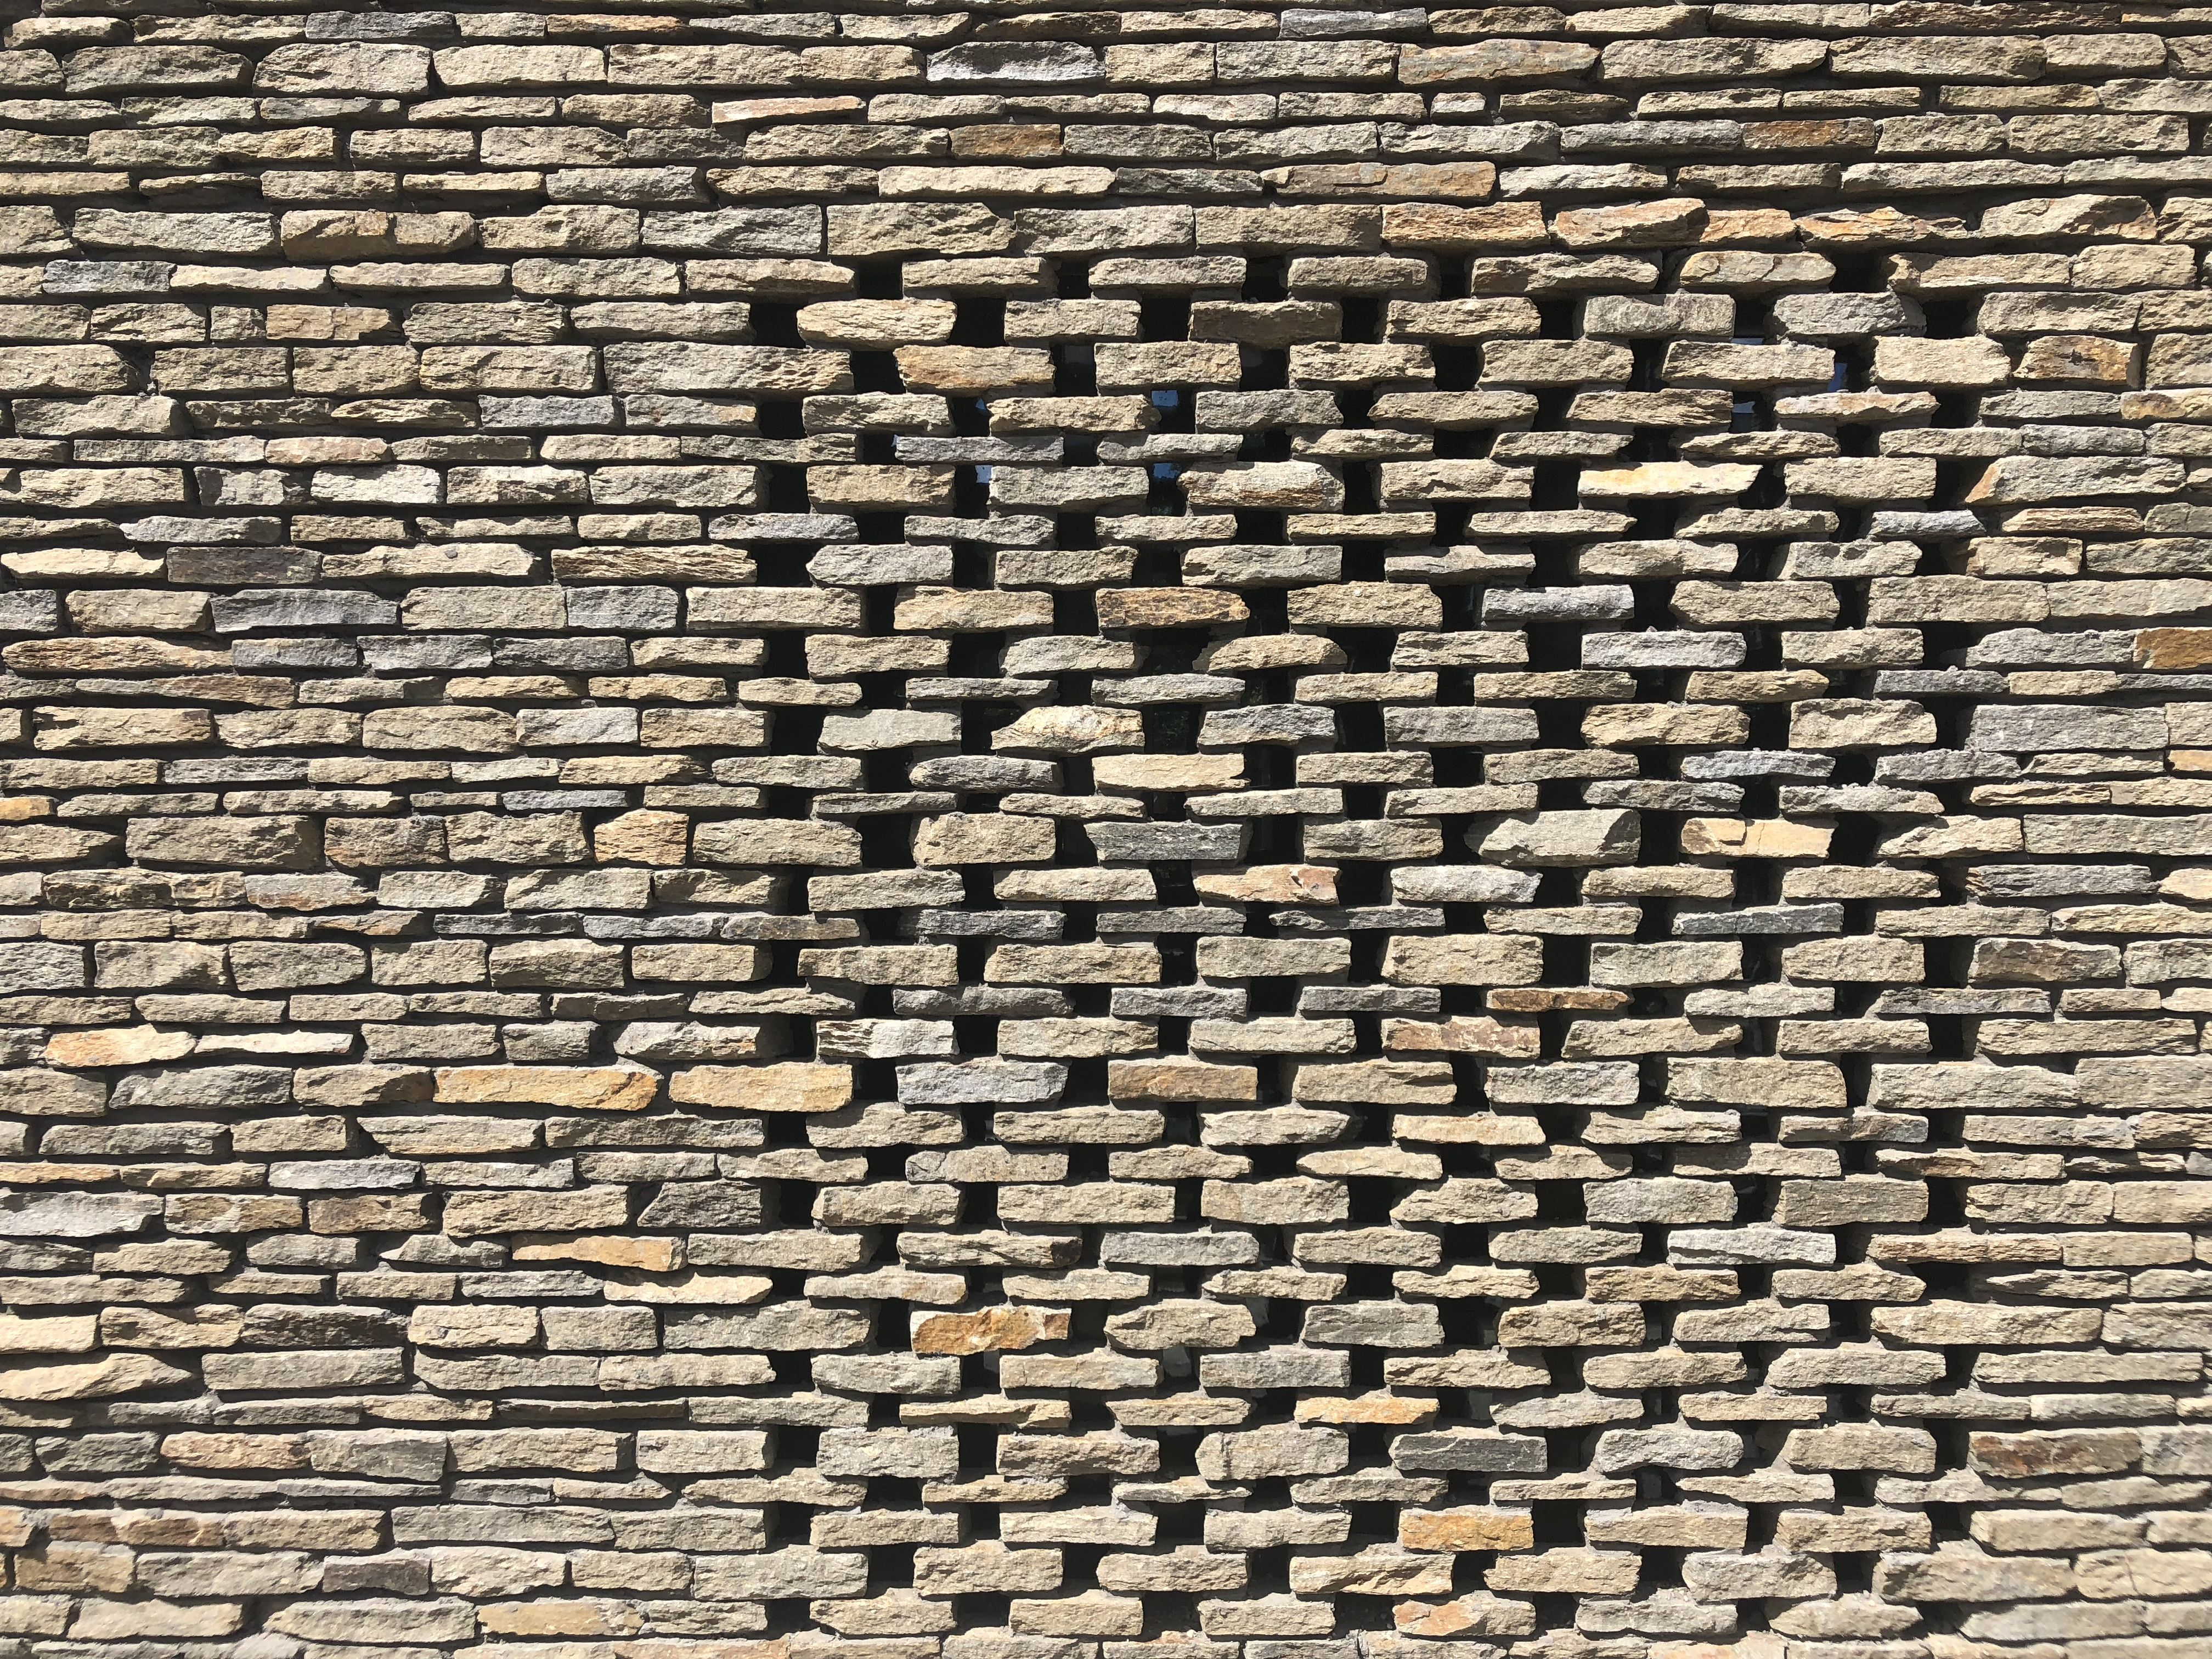 Pin by natuurgevelsteen on natuurgevelsteen projecten pinterest